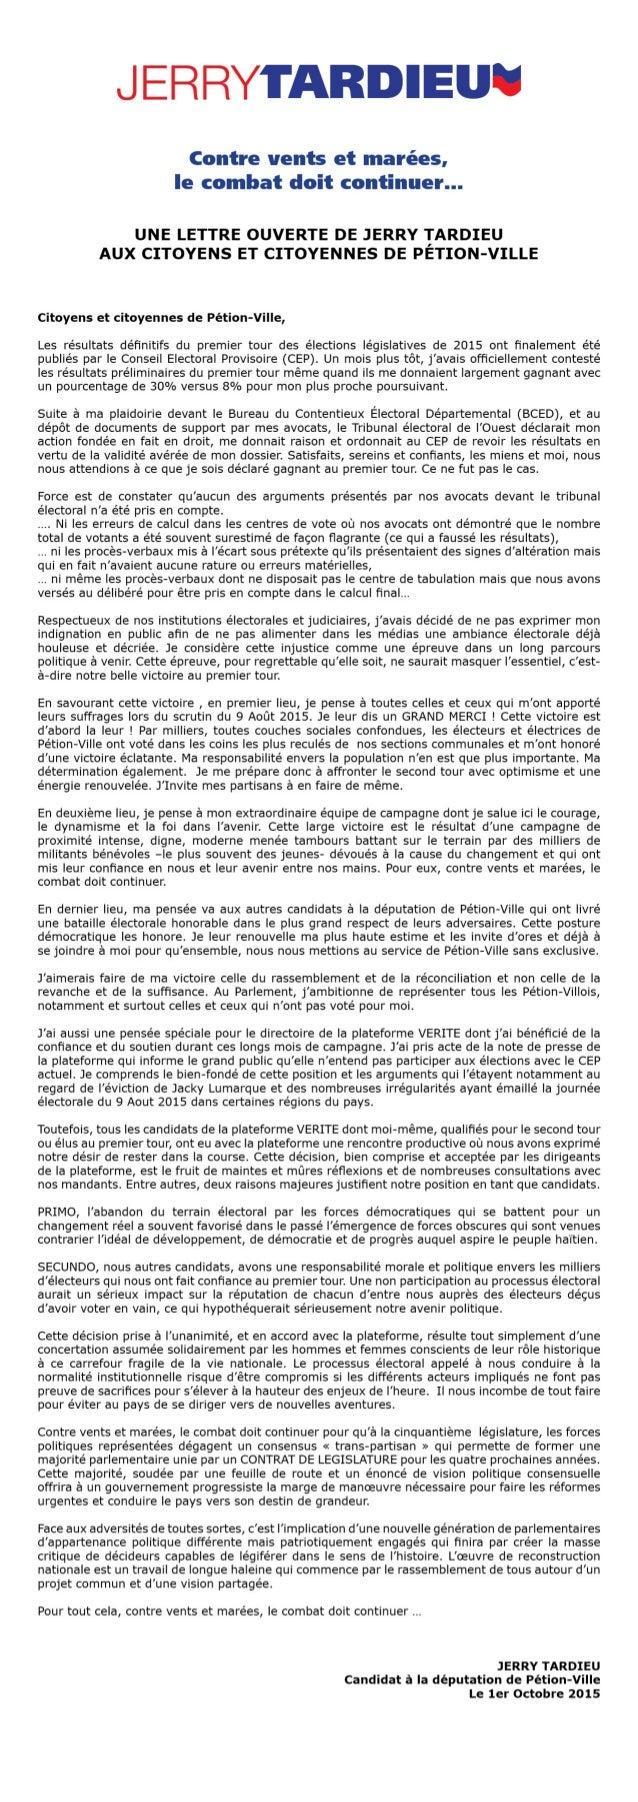 Lettre de Jerry Tardieu aux Citoyens et Citoyennes de Petion Ville